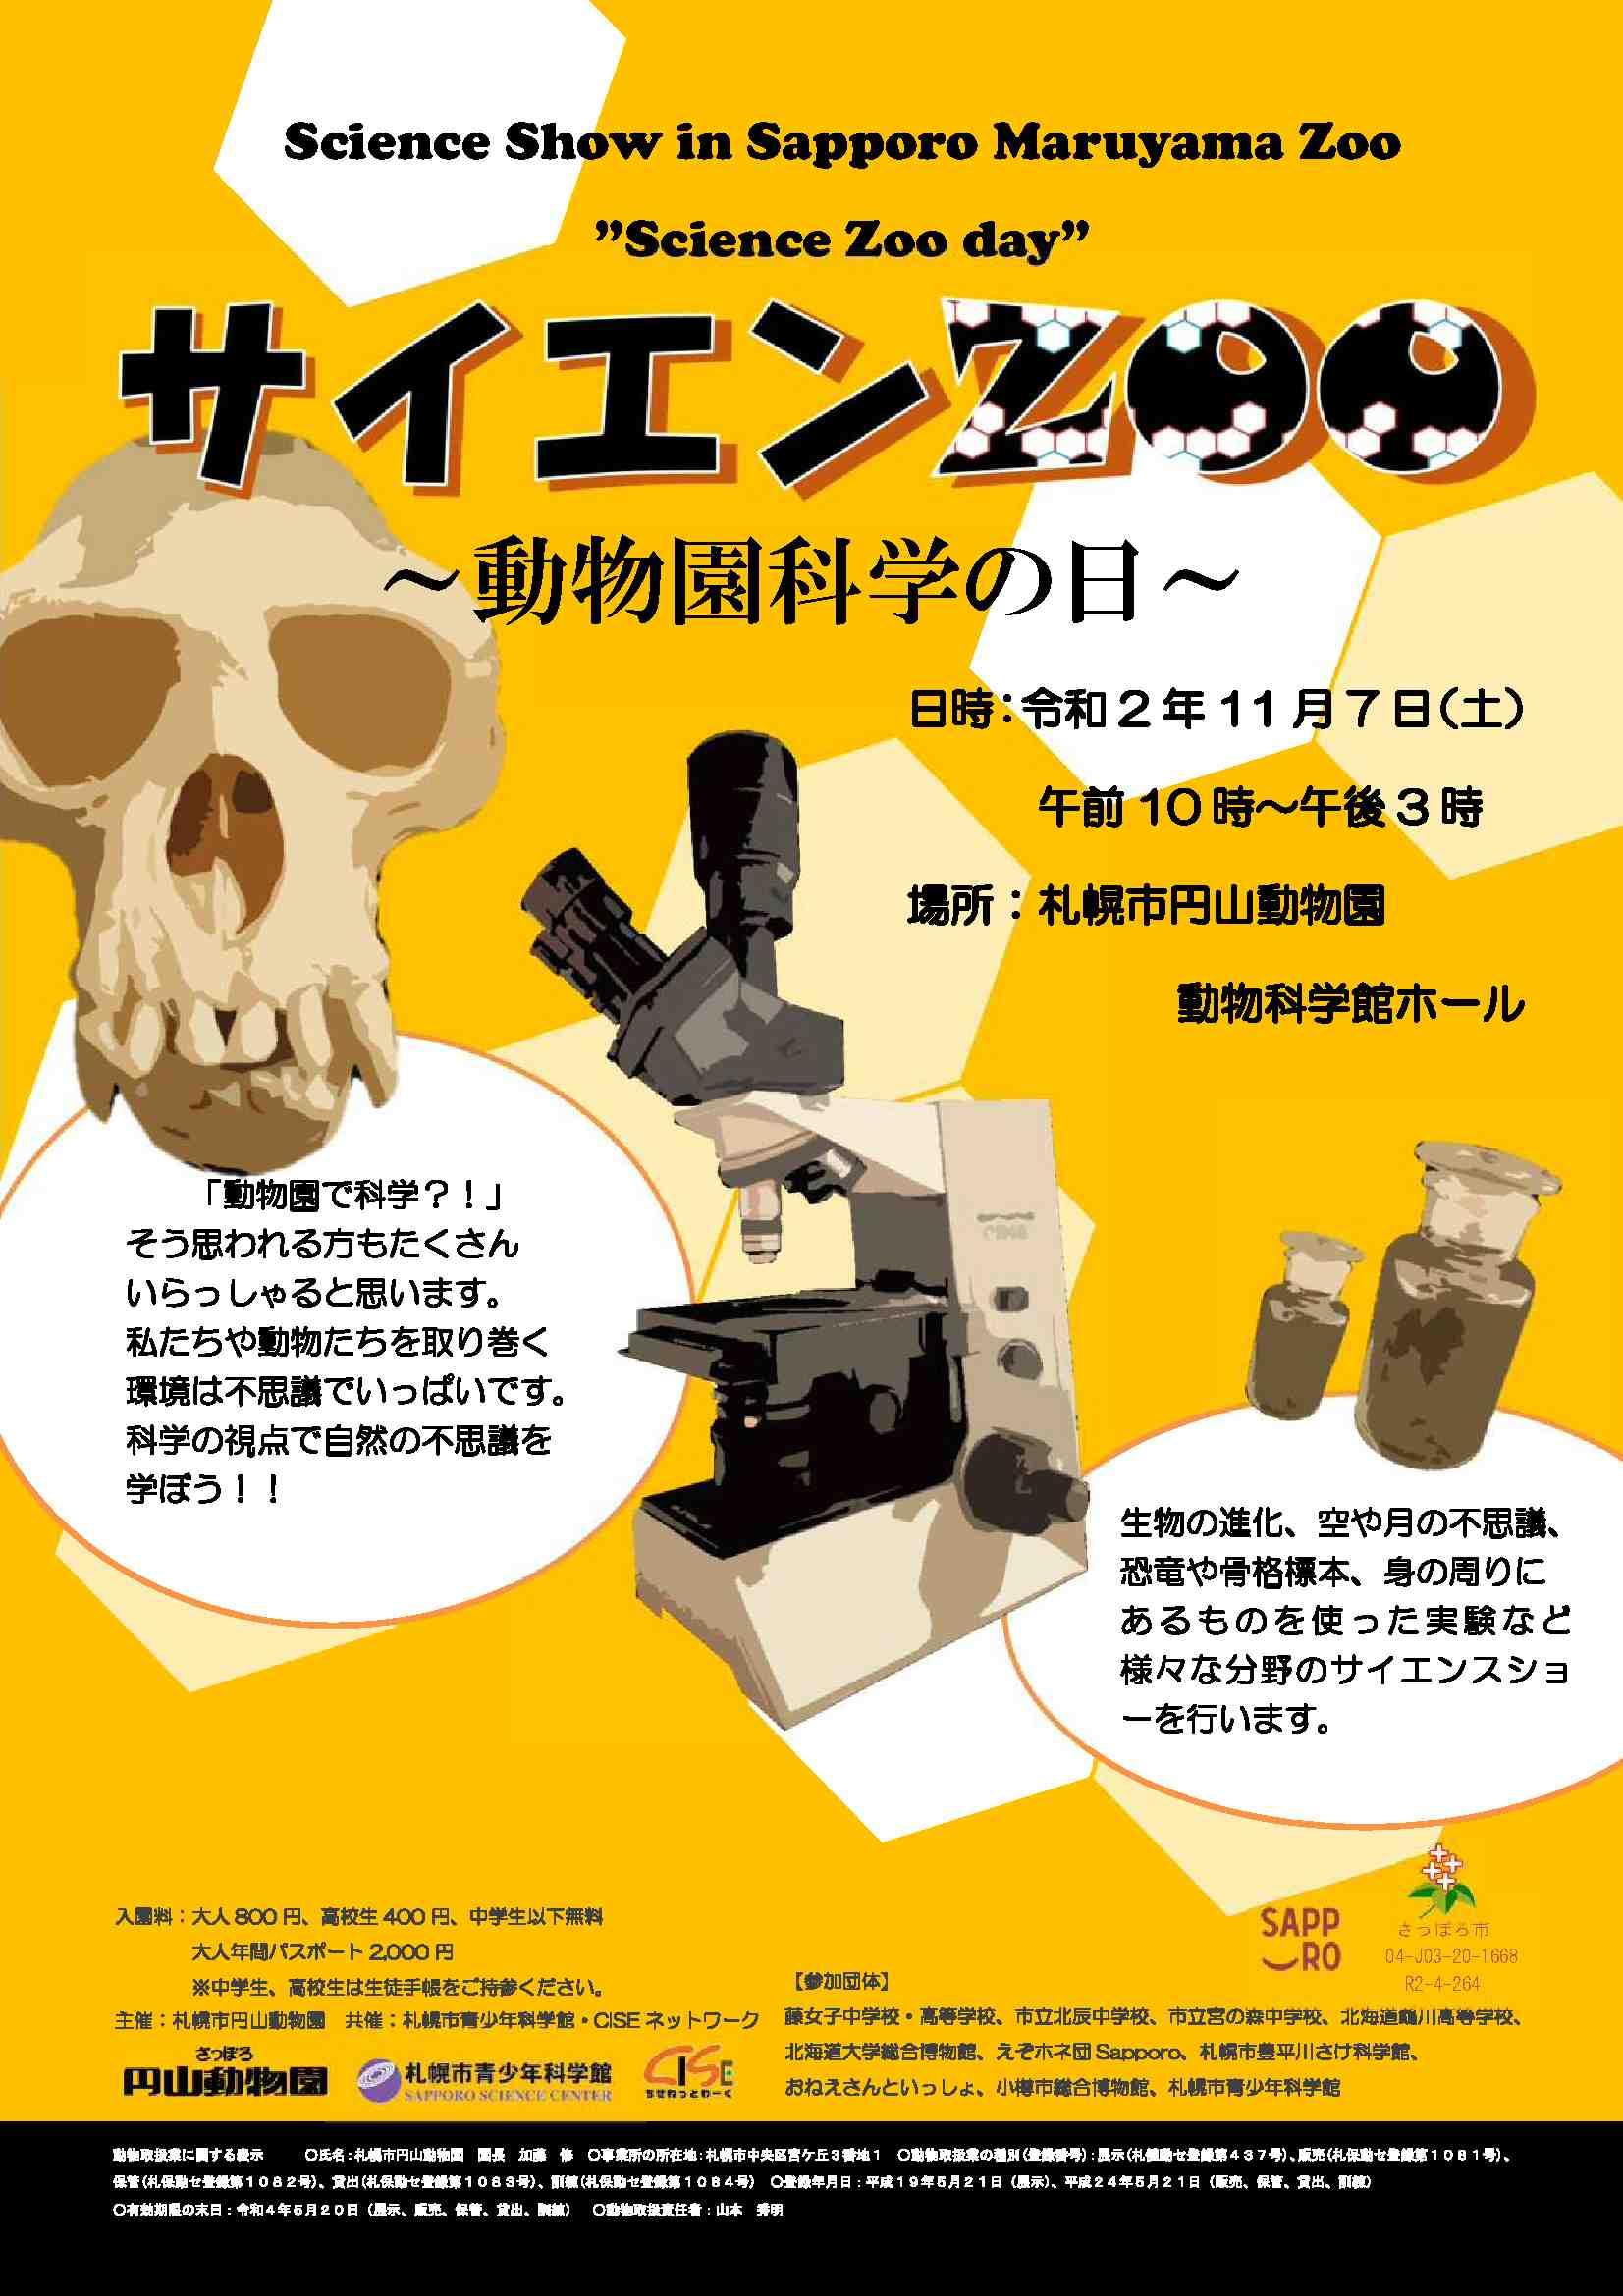 円山動物園サイエンZOOに参加します